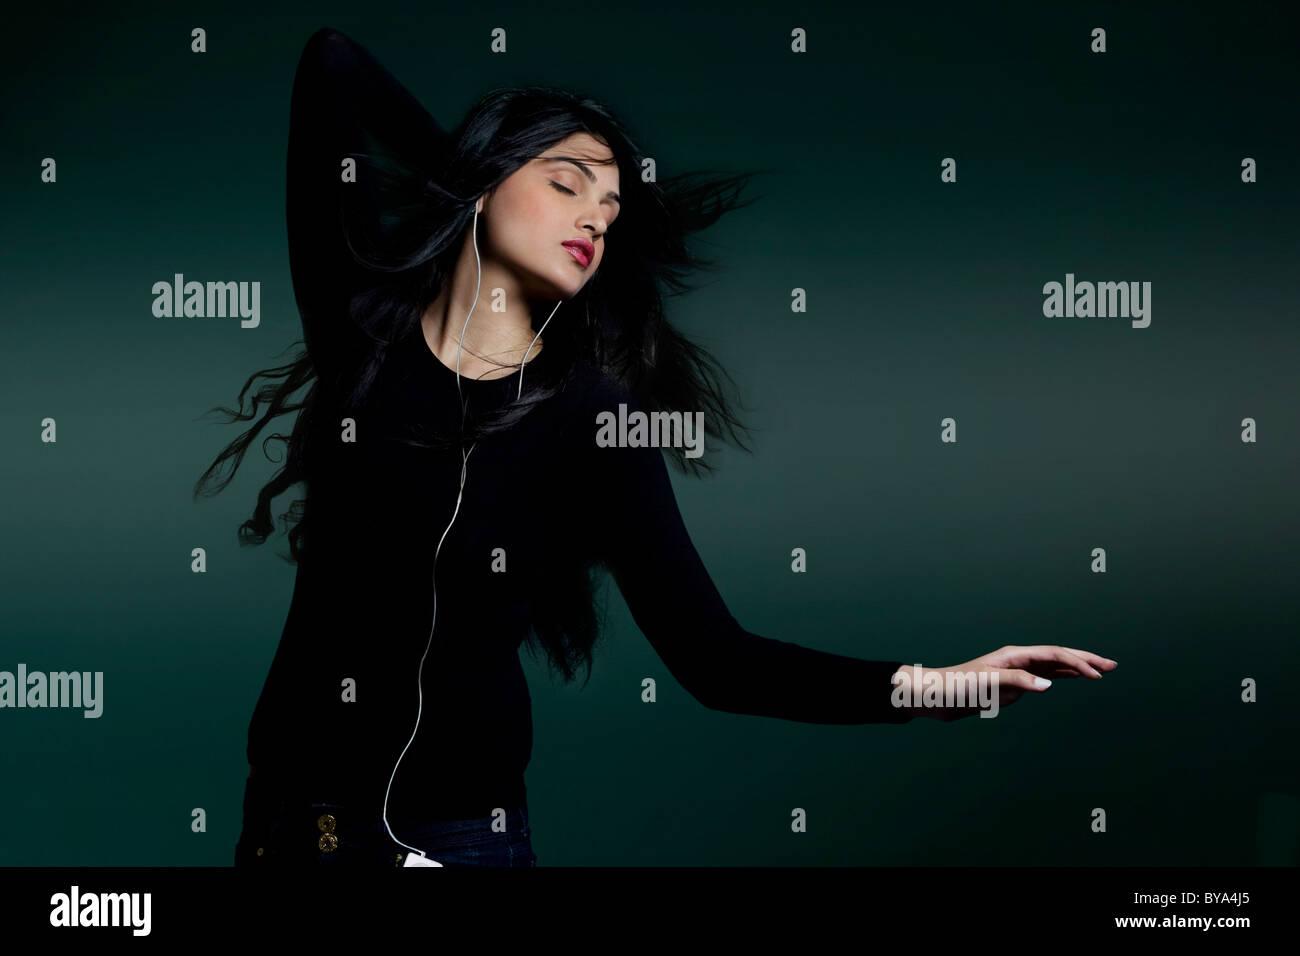 Rapariga a ouvir música Imagens de Stock